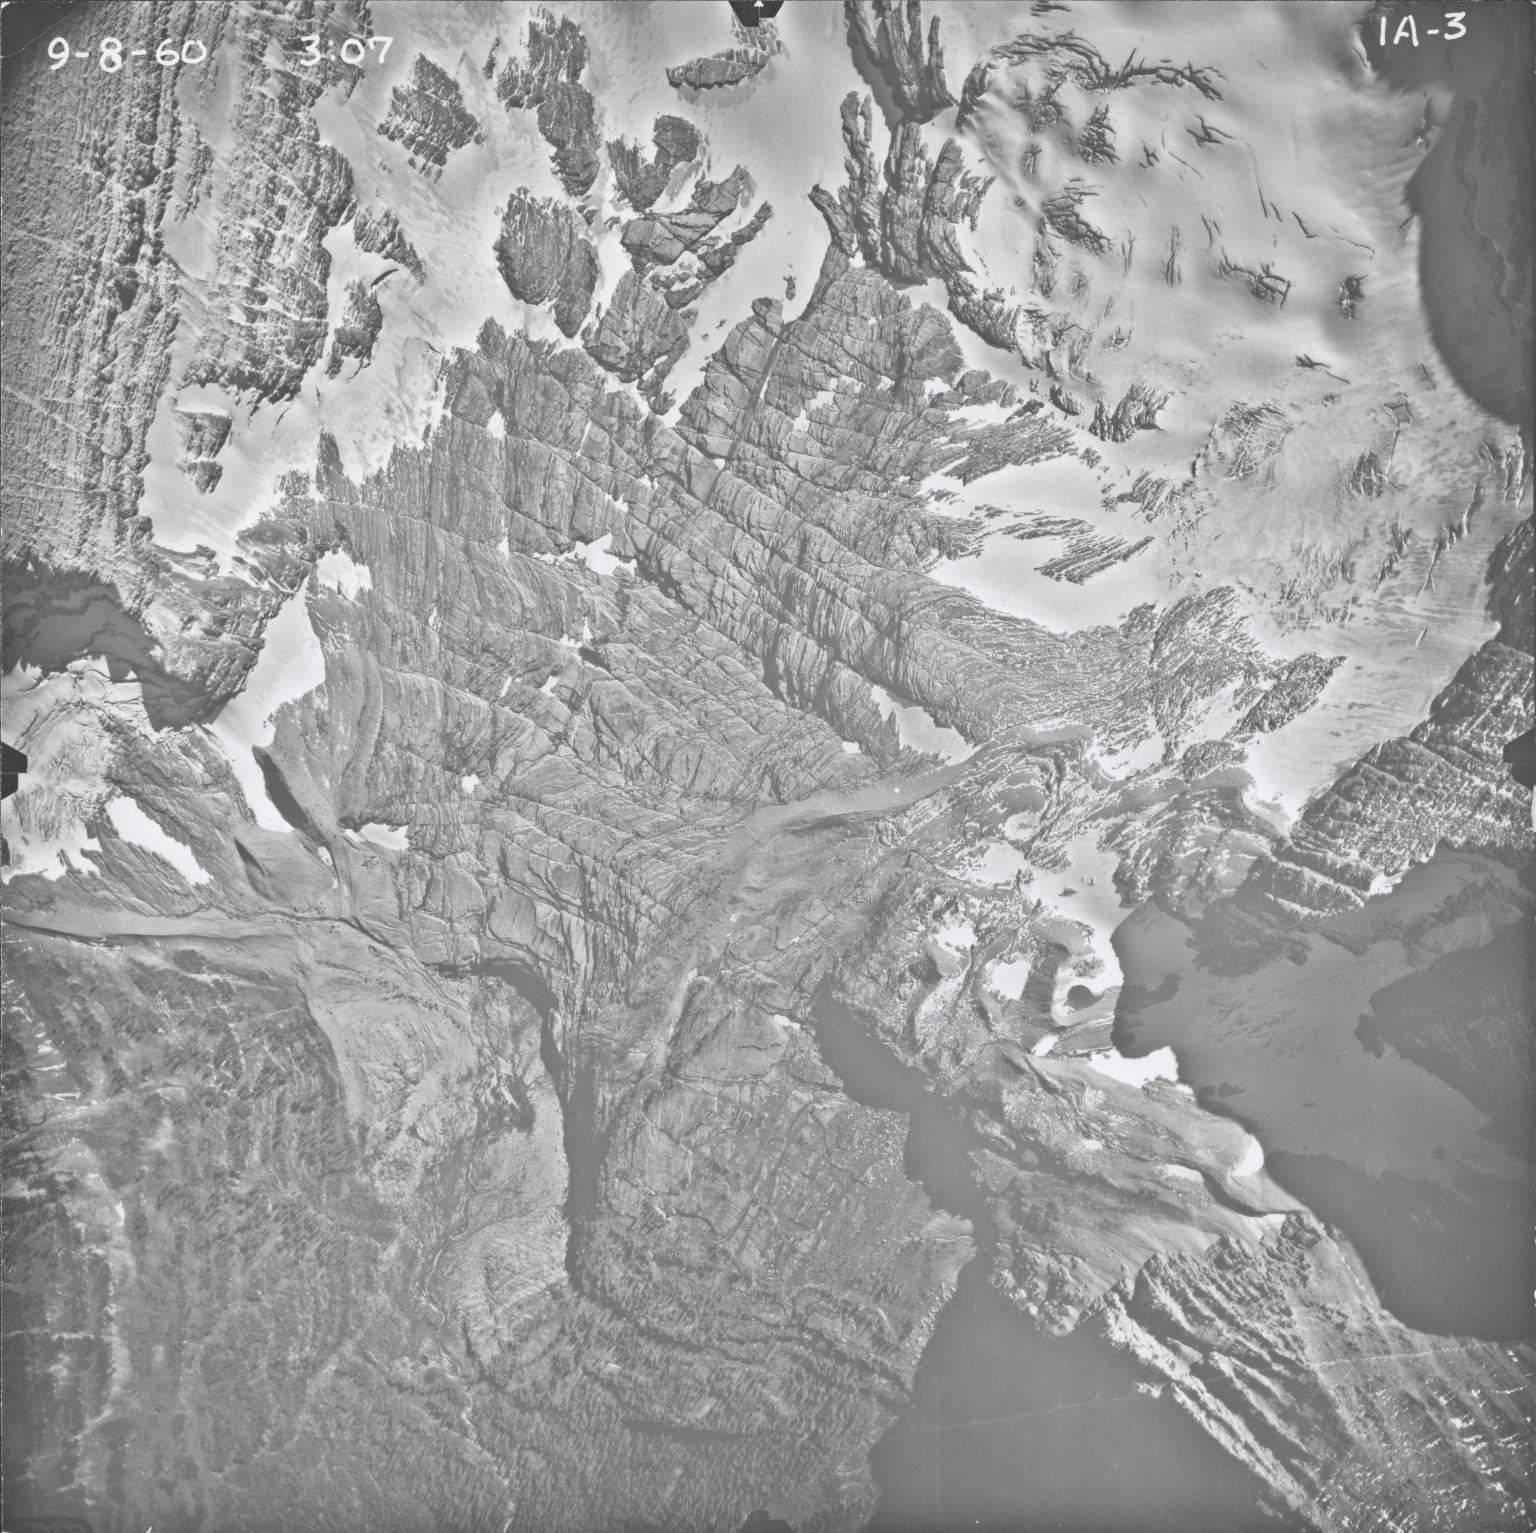 Agassiz Glacier, aerial photograph IA-3, Montana